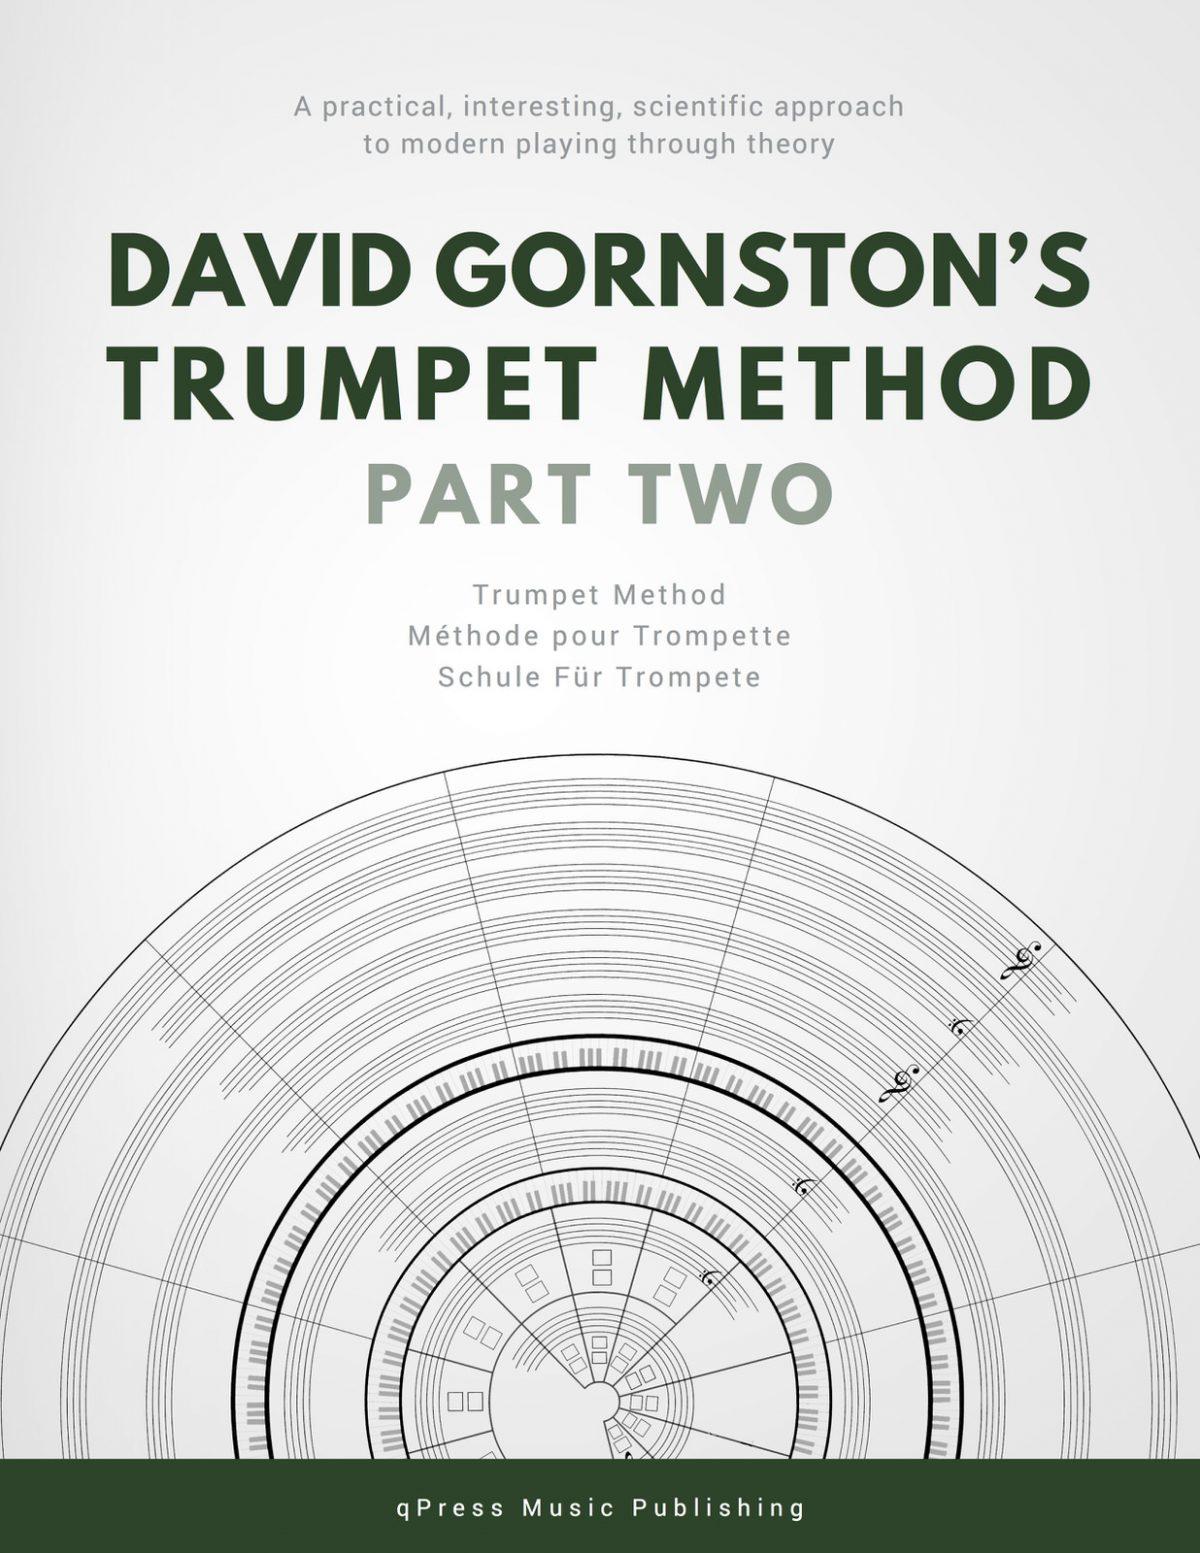 Gornston, Trumpet Method Part 2-p01